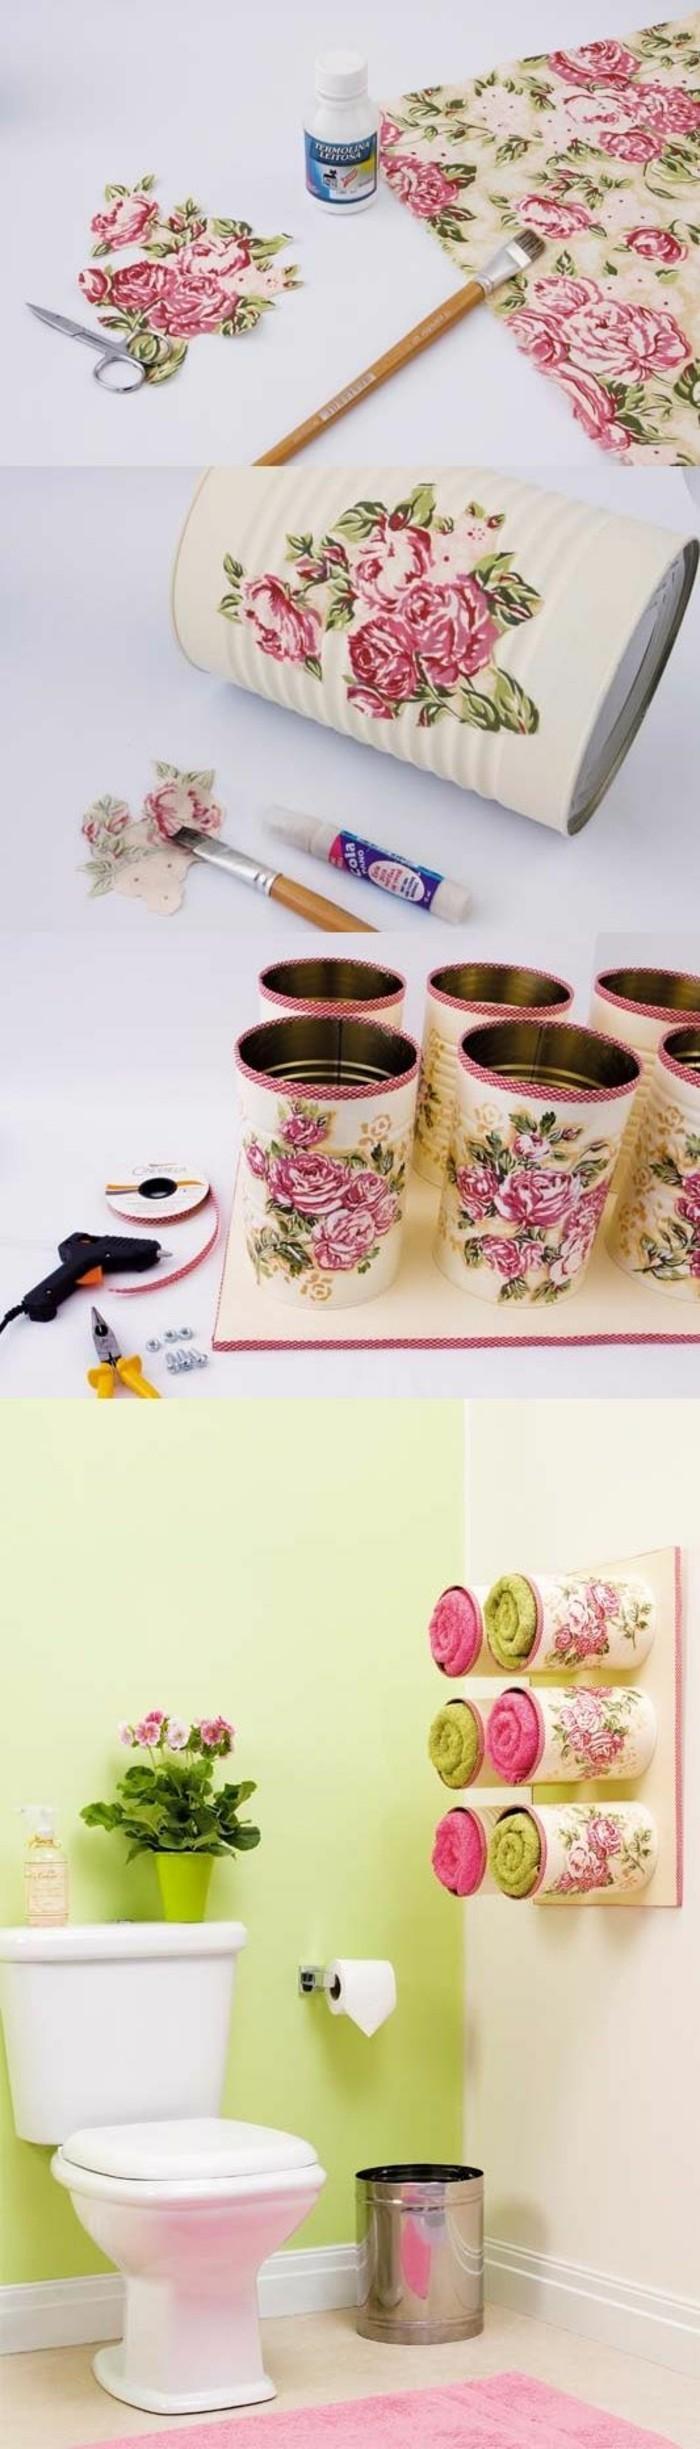 adorable decoración con decoupage para tu baño, latas decoradas con motivos florales paso a paso